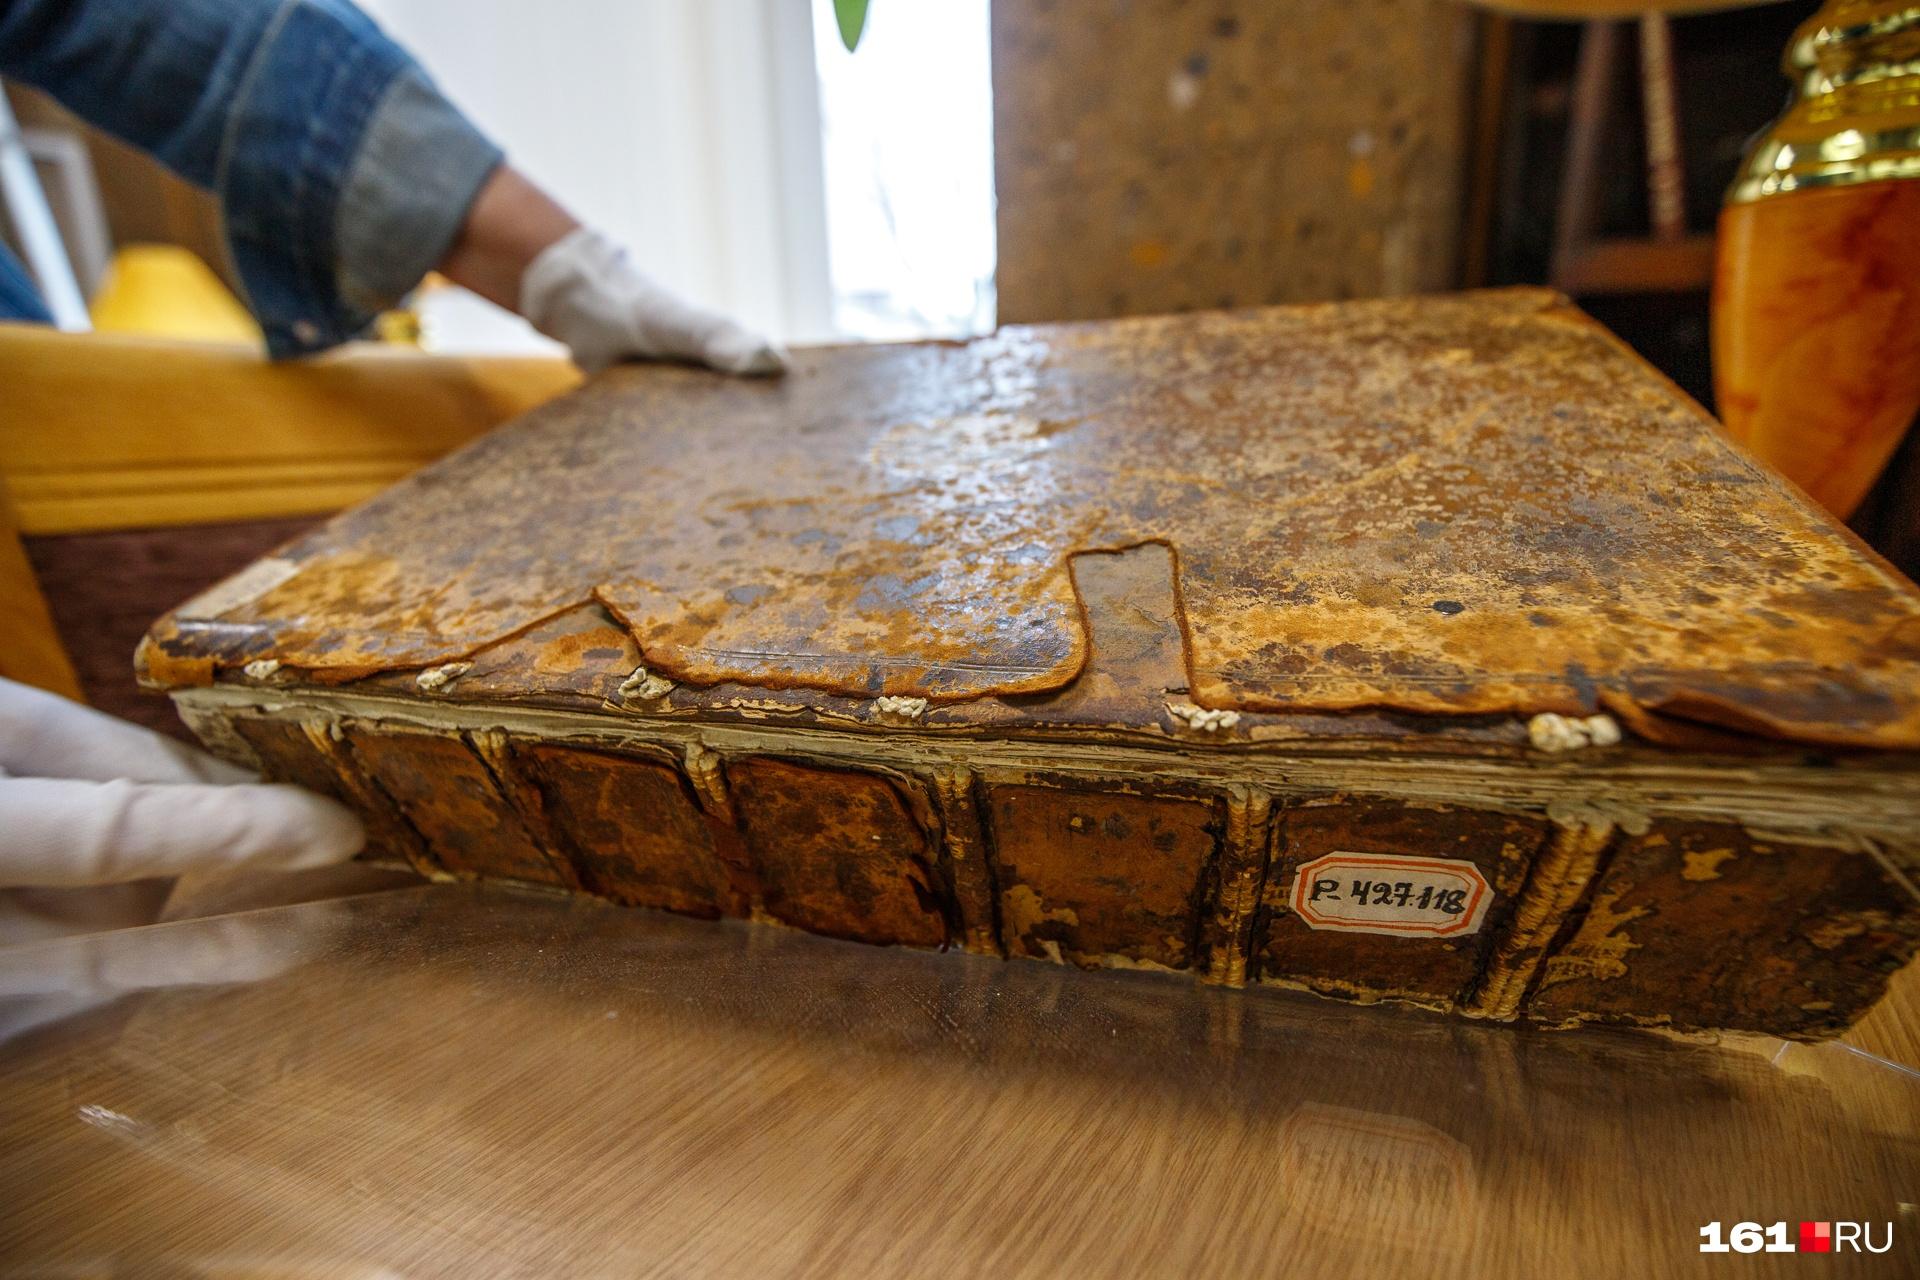 Это старейшая книга в коллекции публичной библиотеки — собрание сочинений Цицерона, изданное в 1538 году. Обложка из натуральной кожи: несмотря на время, сохранилась и она, и страницы